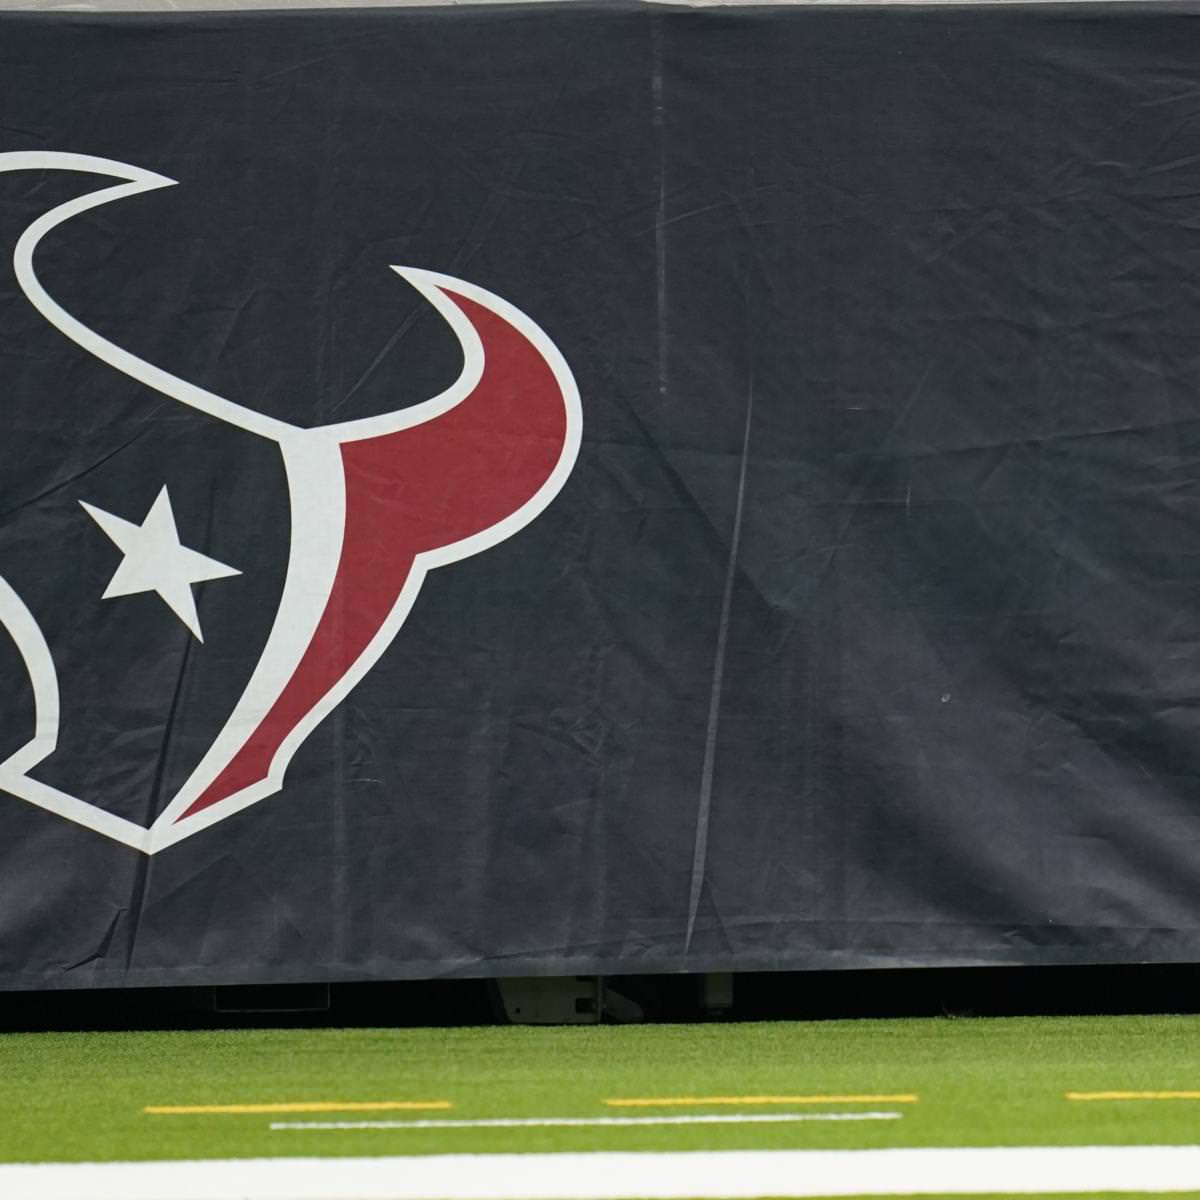 Nick Caserio, executivo da Patriots, supostamente se tornará gerente geral do Texas